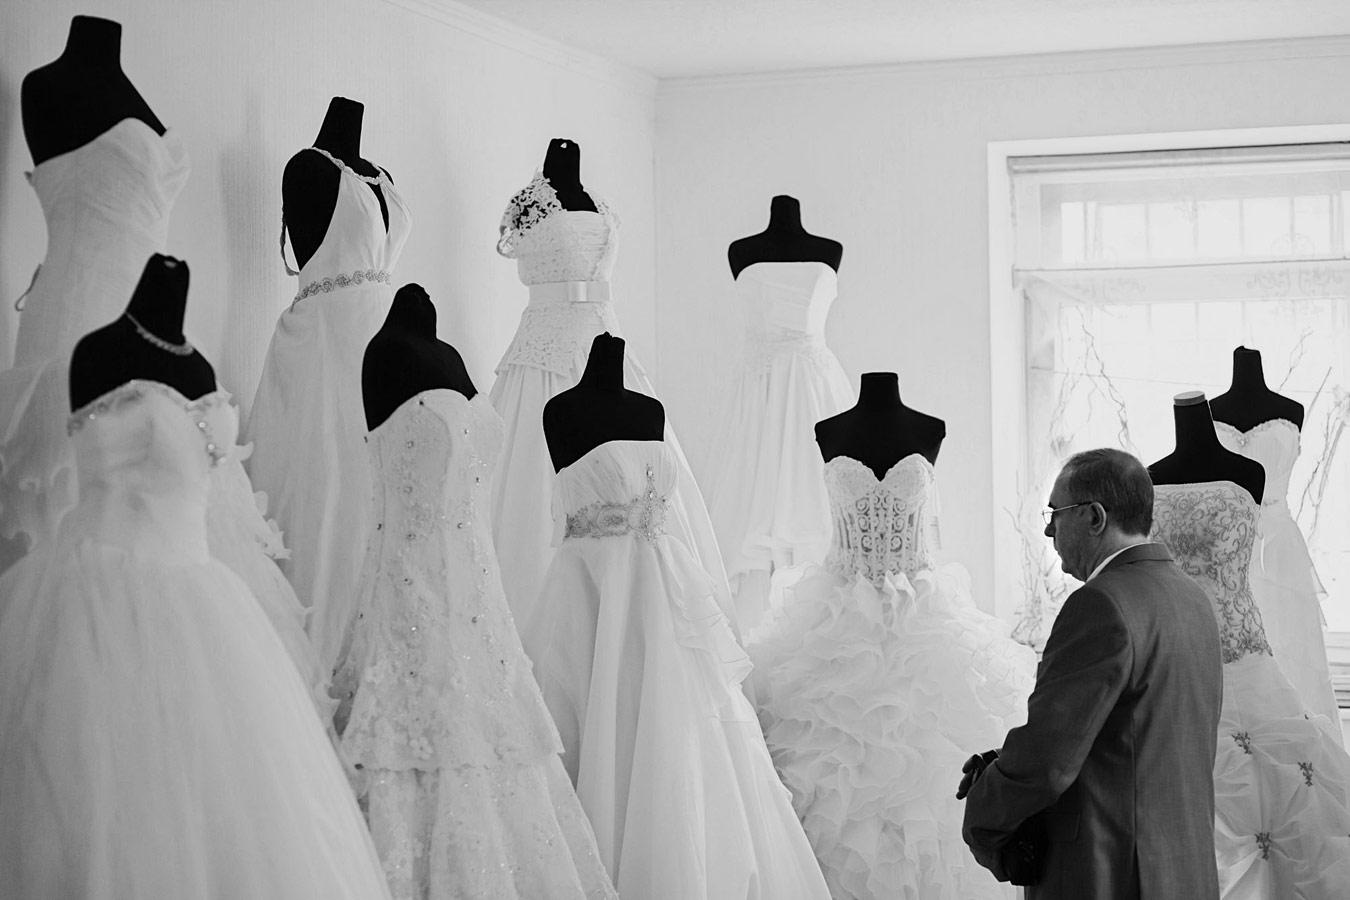 «Отец невесты», © Алексей Сыркин, Россия, Хабаровск, Специальный приз партнёра фестиваля, Фотоконкурс «(За)фиксируй мир!»